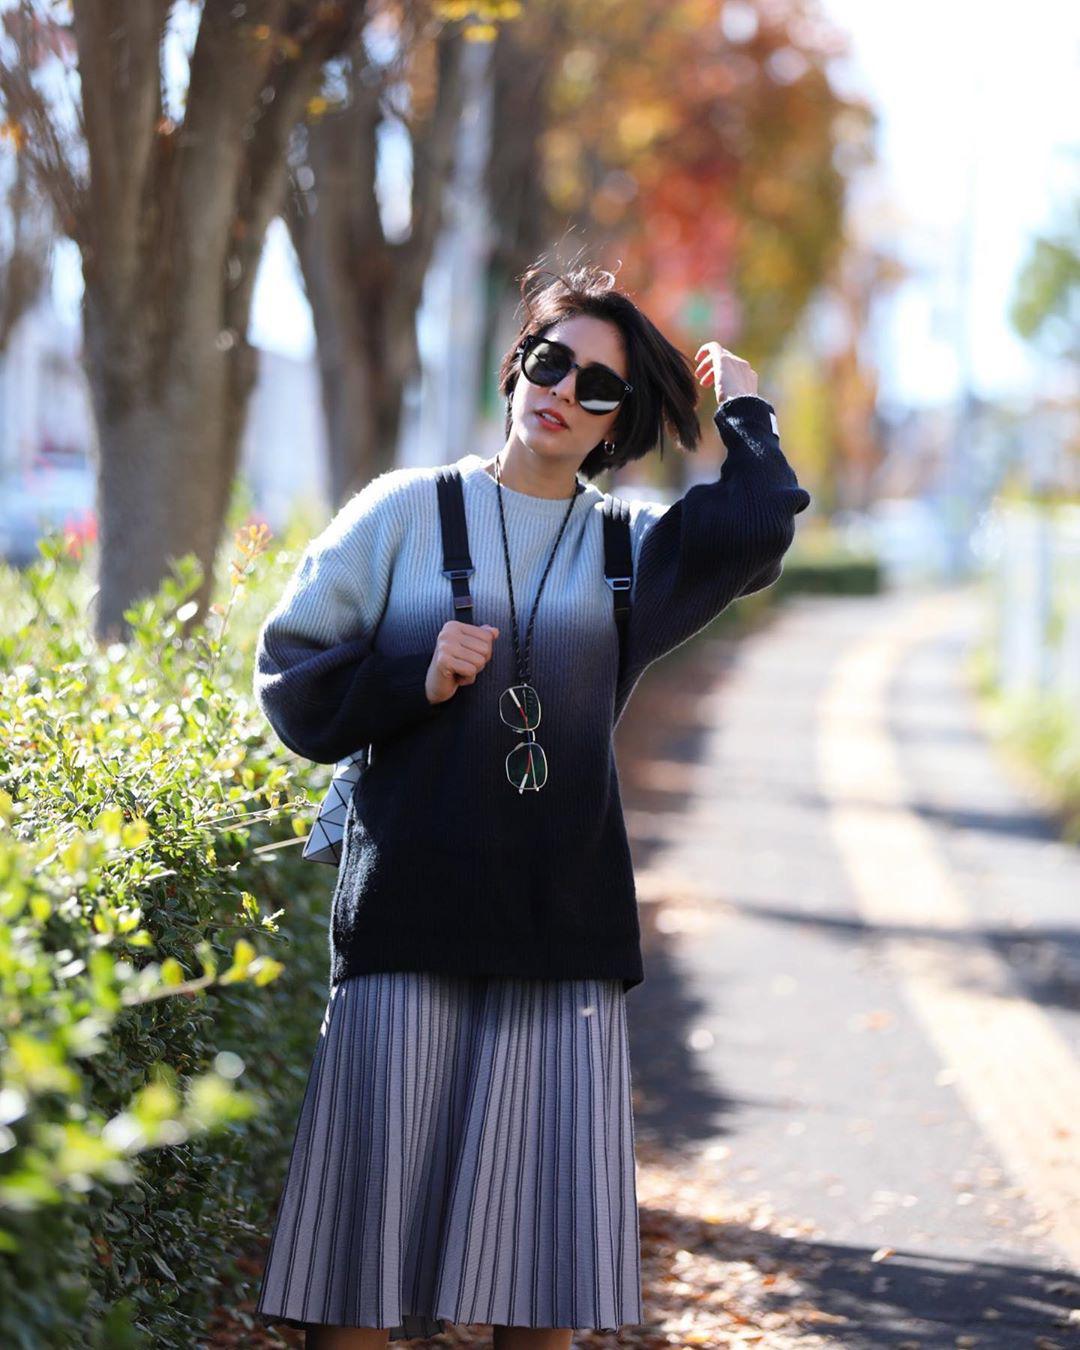 Chiêm ngưỡng những set đồ Đông chất lừ của bà xã 'dượng Chat', chị em sẽ mong trời lạnh thật nhanh để mặc mốt như cô ấy - Ảnh 3